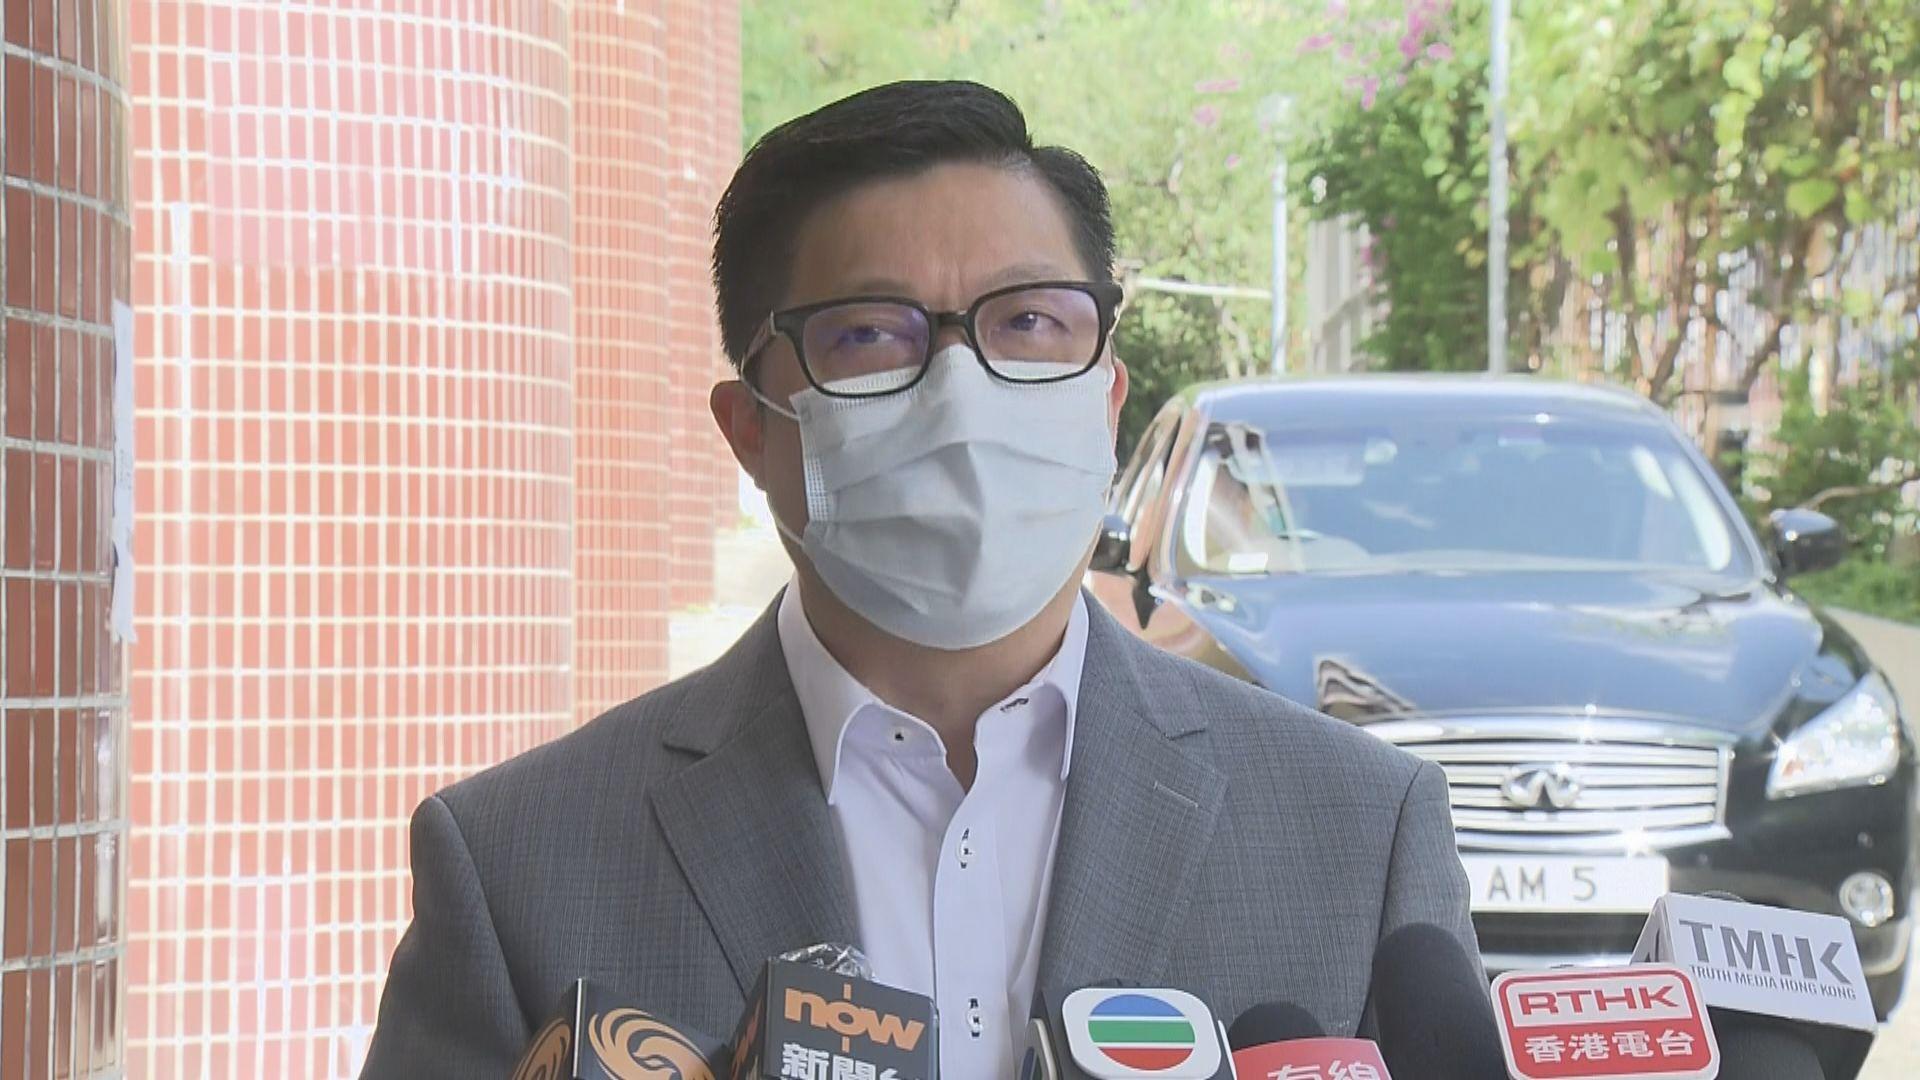 鄧炳強:解散非可免責 續考慮取消公司註冊